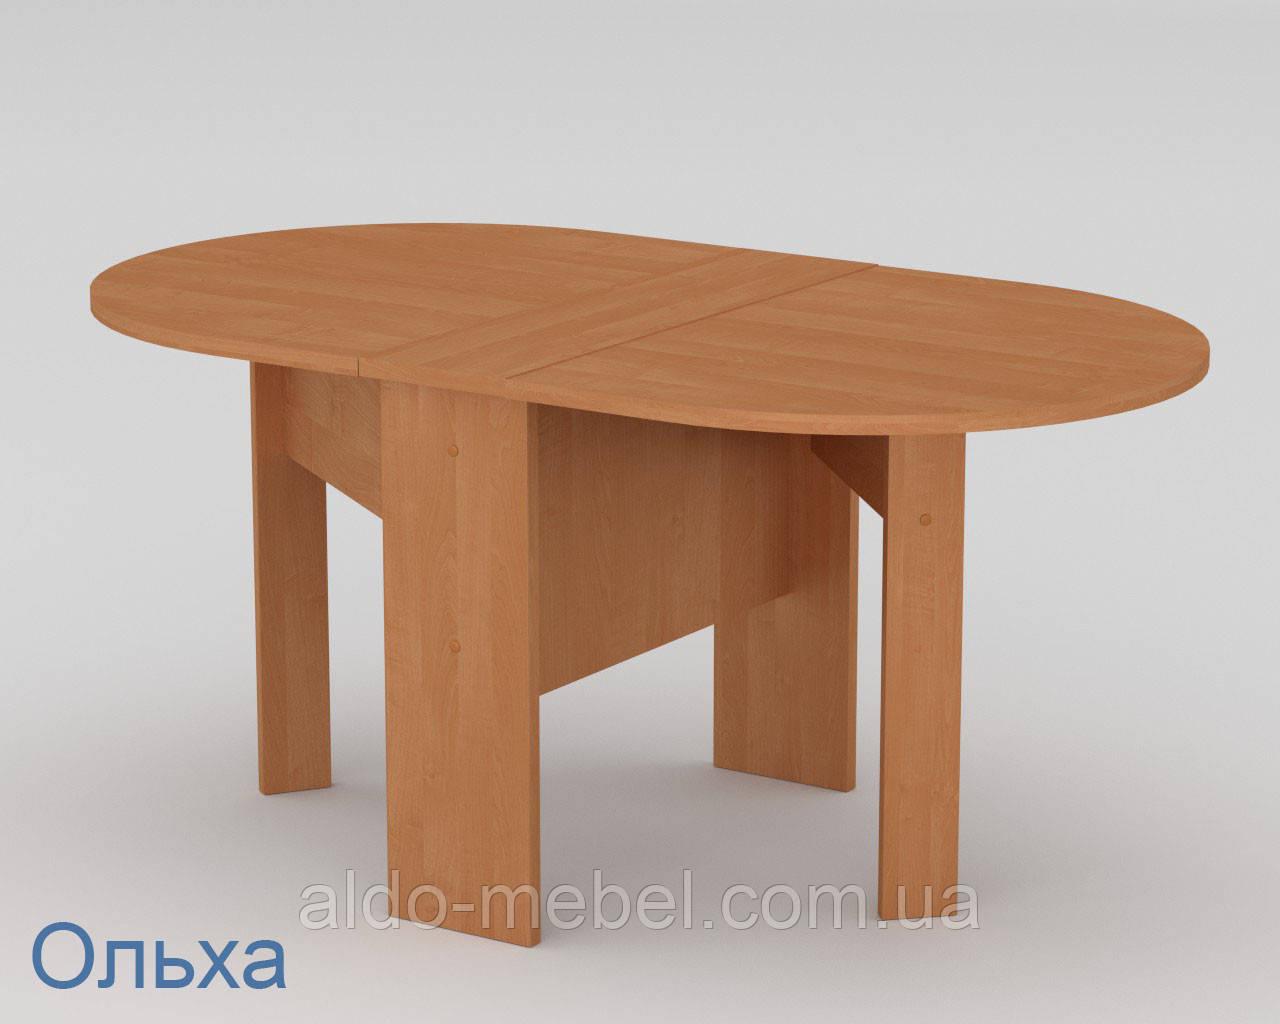 Стол книжка - 5 Габариты Ш - 600 мм; В - 500; Г - 182 мм (Общая Ш - 1058 мм) (Компанит)